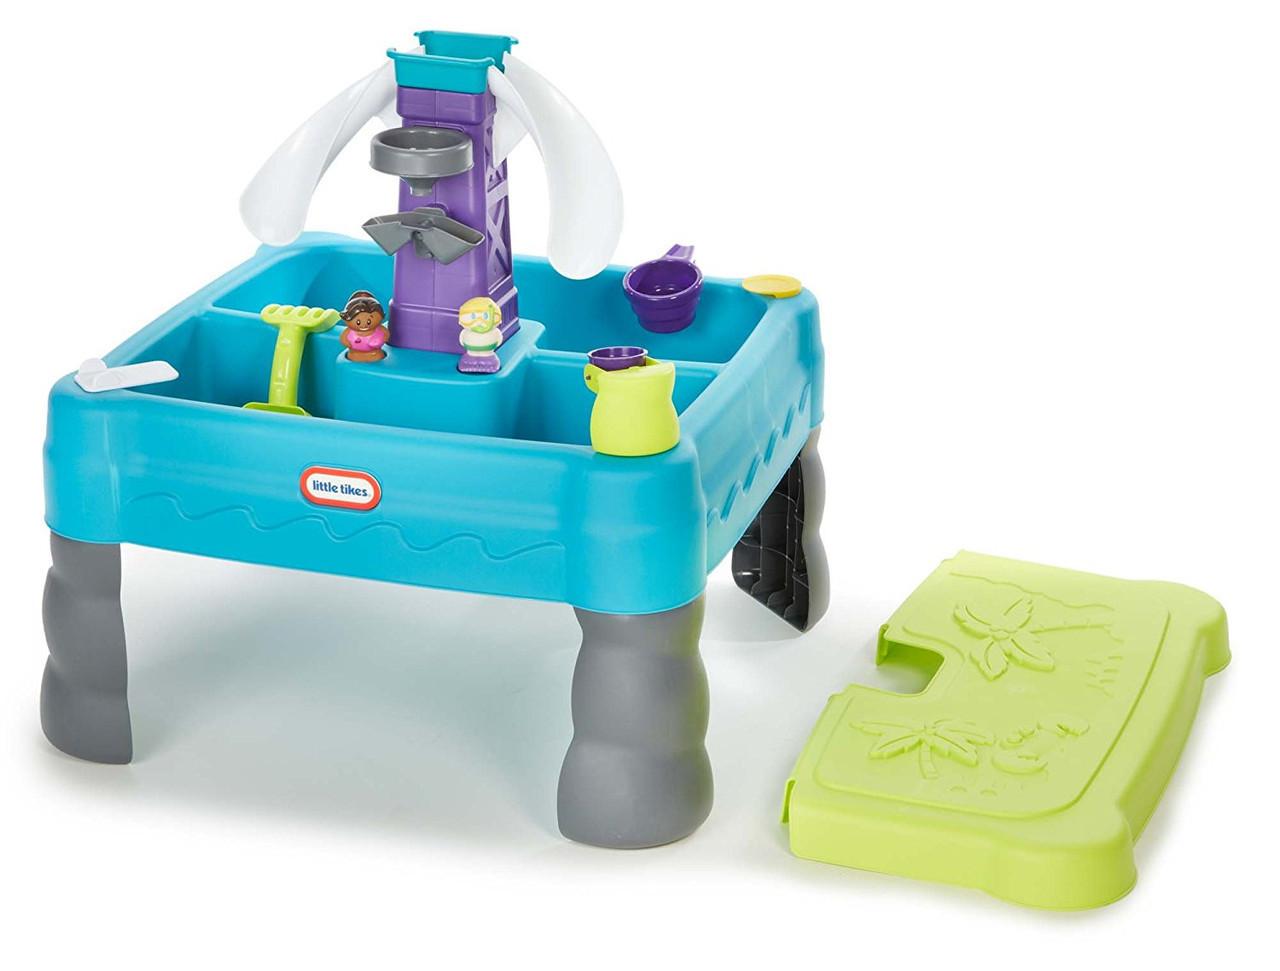 Игровой детский водный столик песочница Little Tikes 641213 для детей